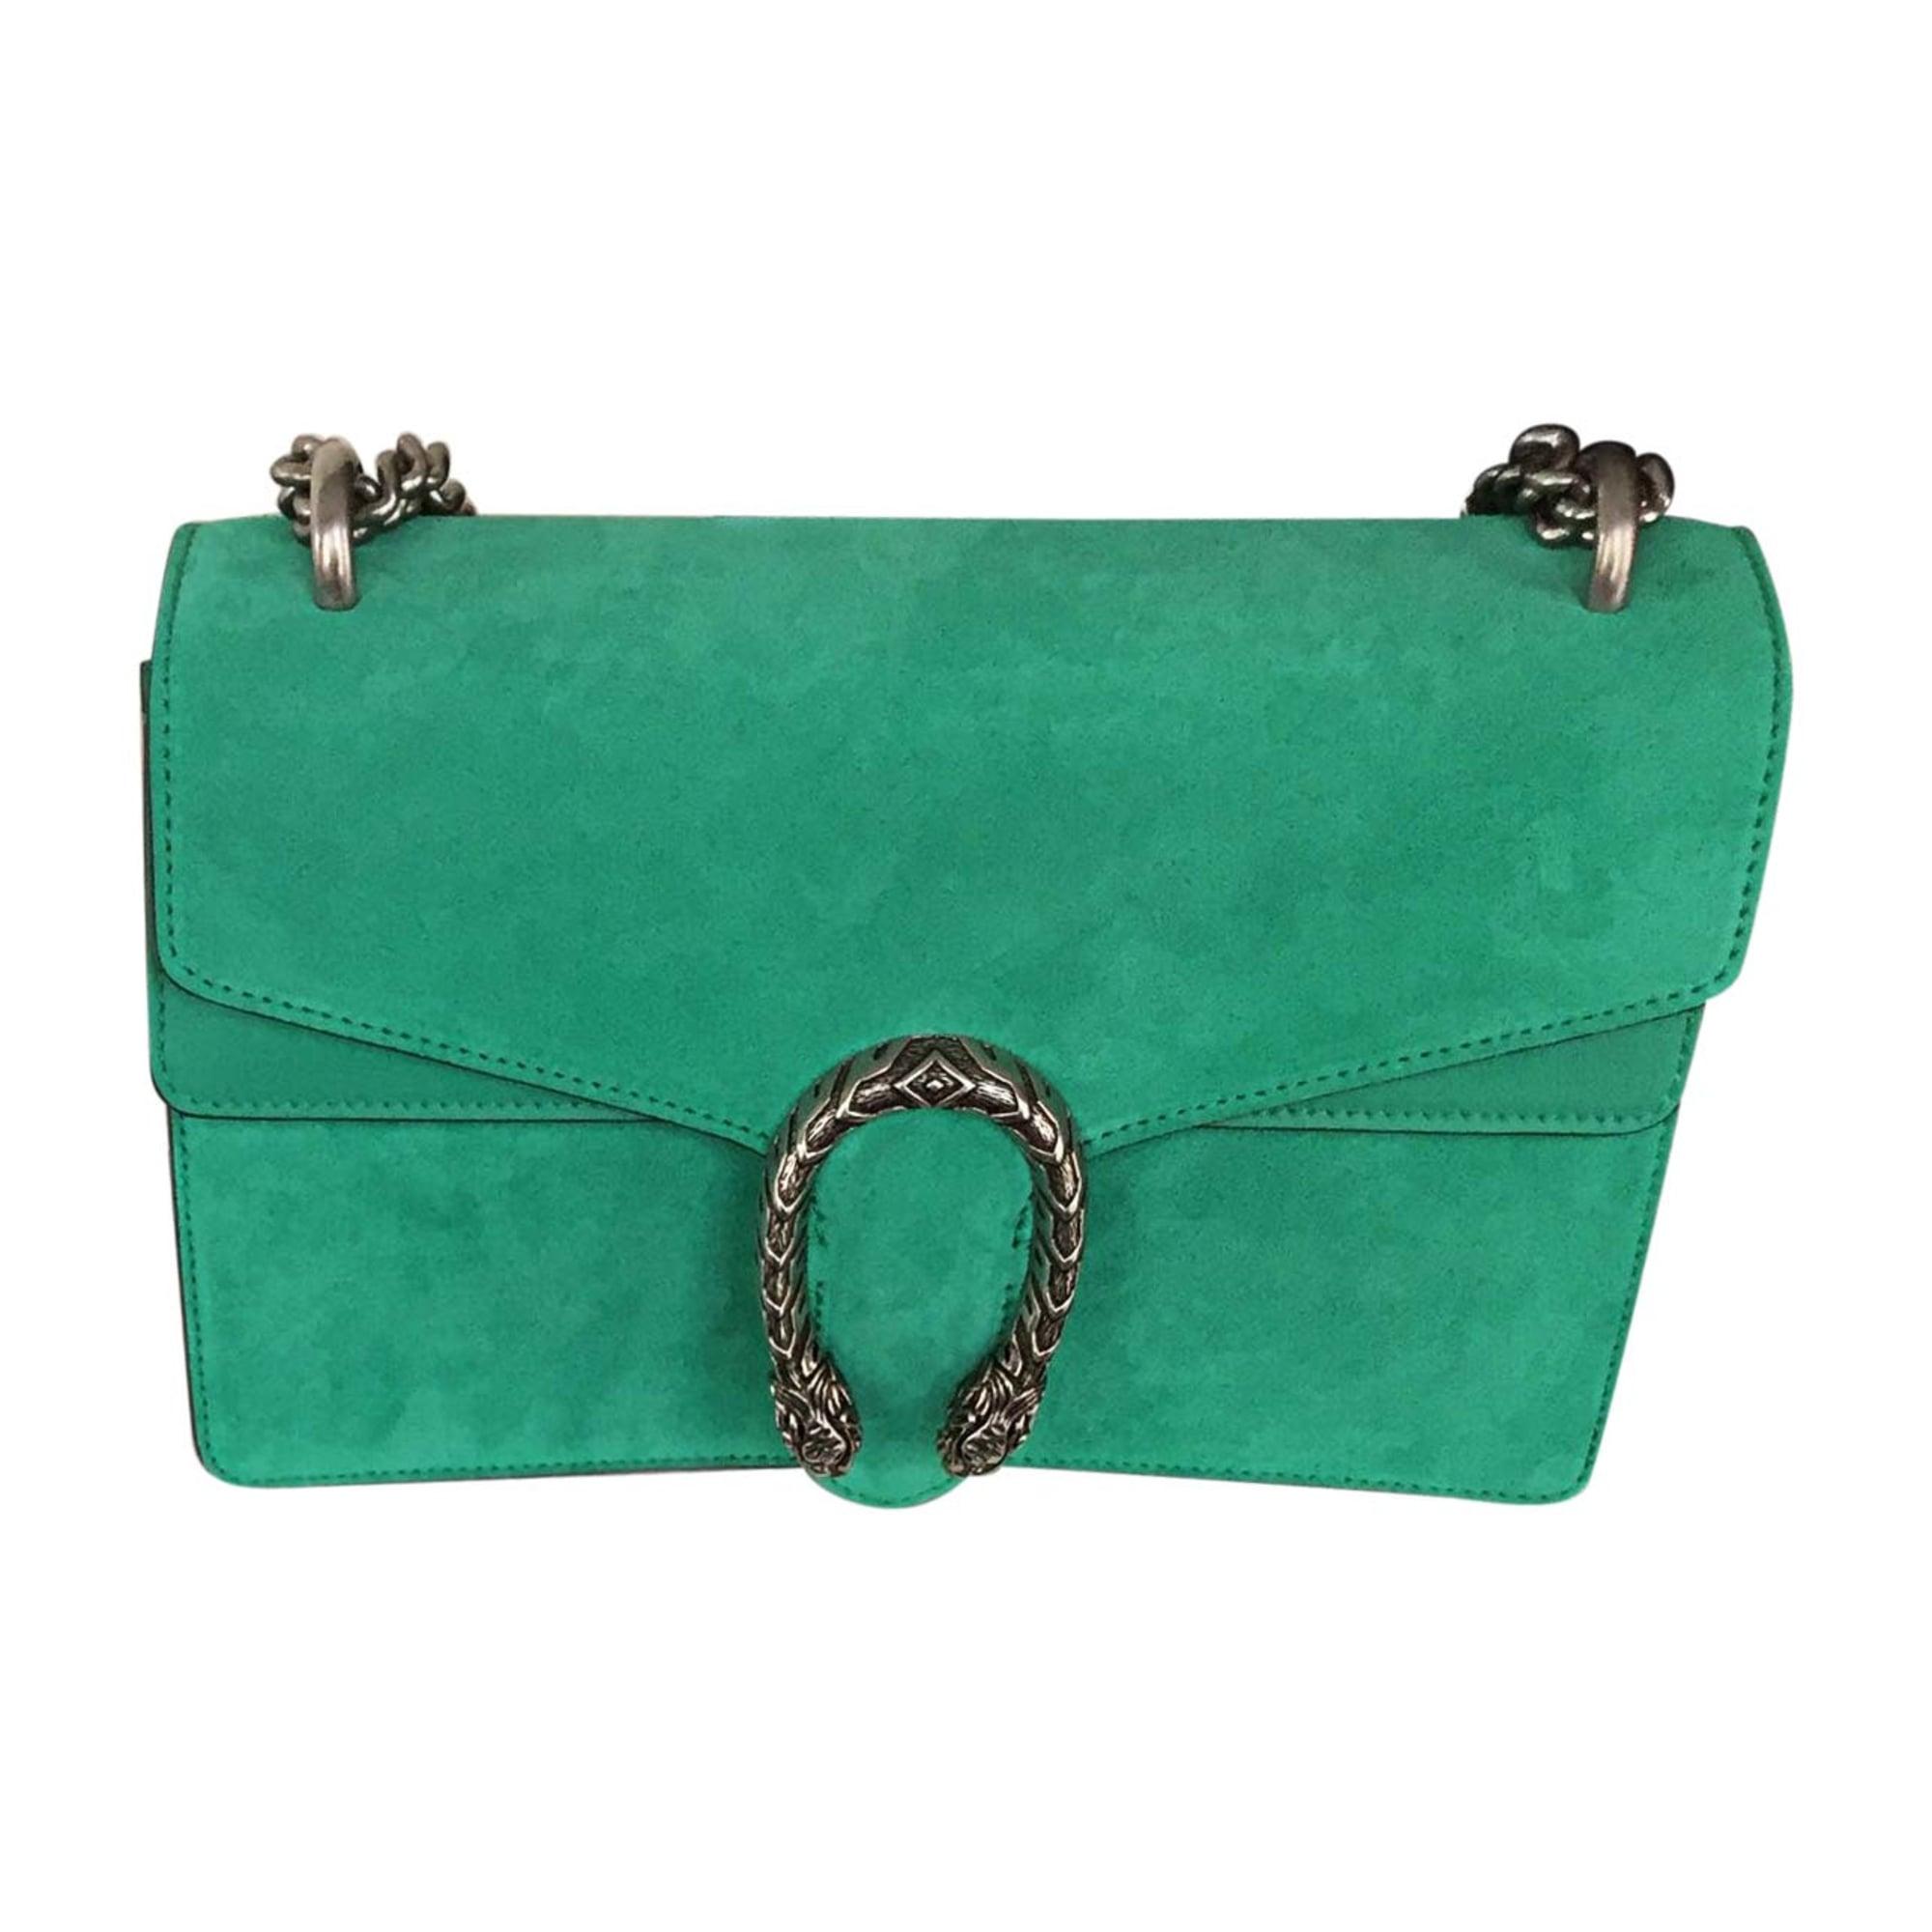 f5bd5aaa83b19 Leather Handbag GUCCI green - 7548340